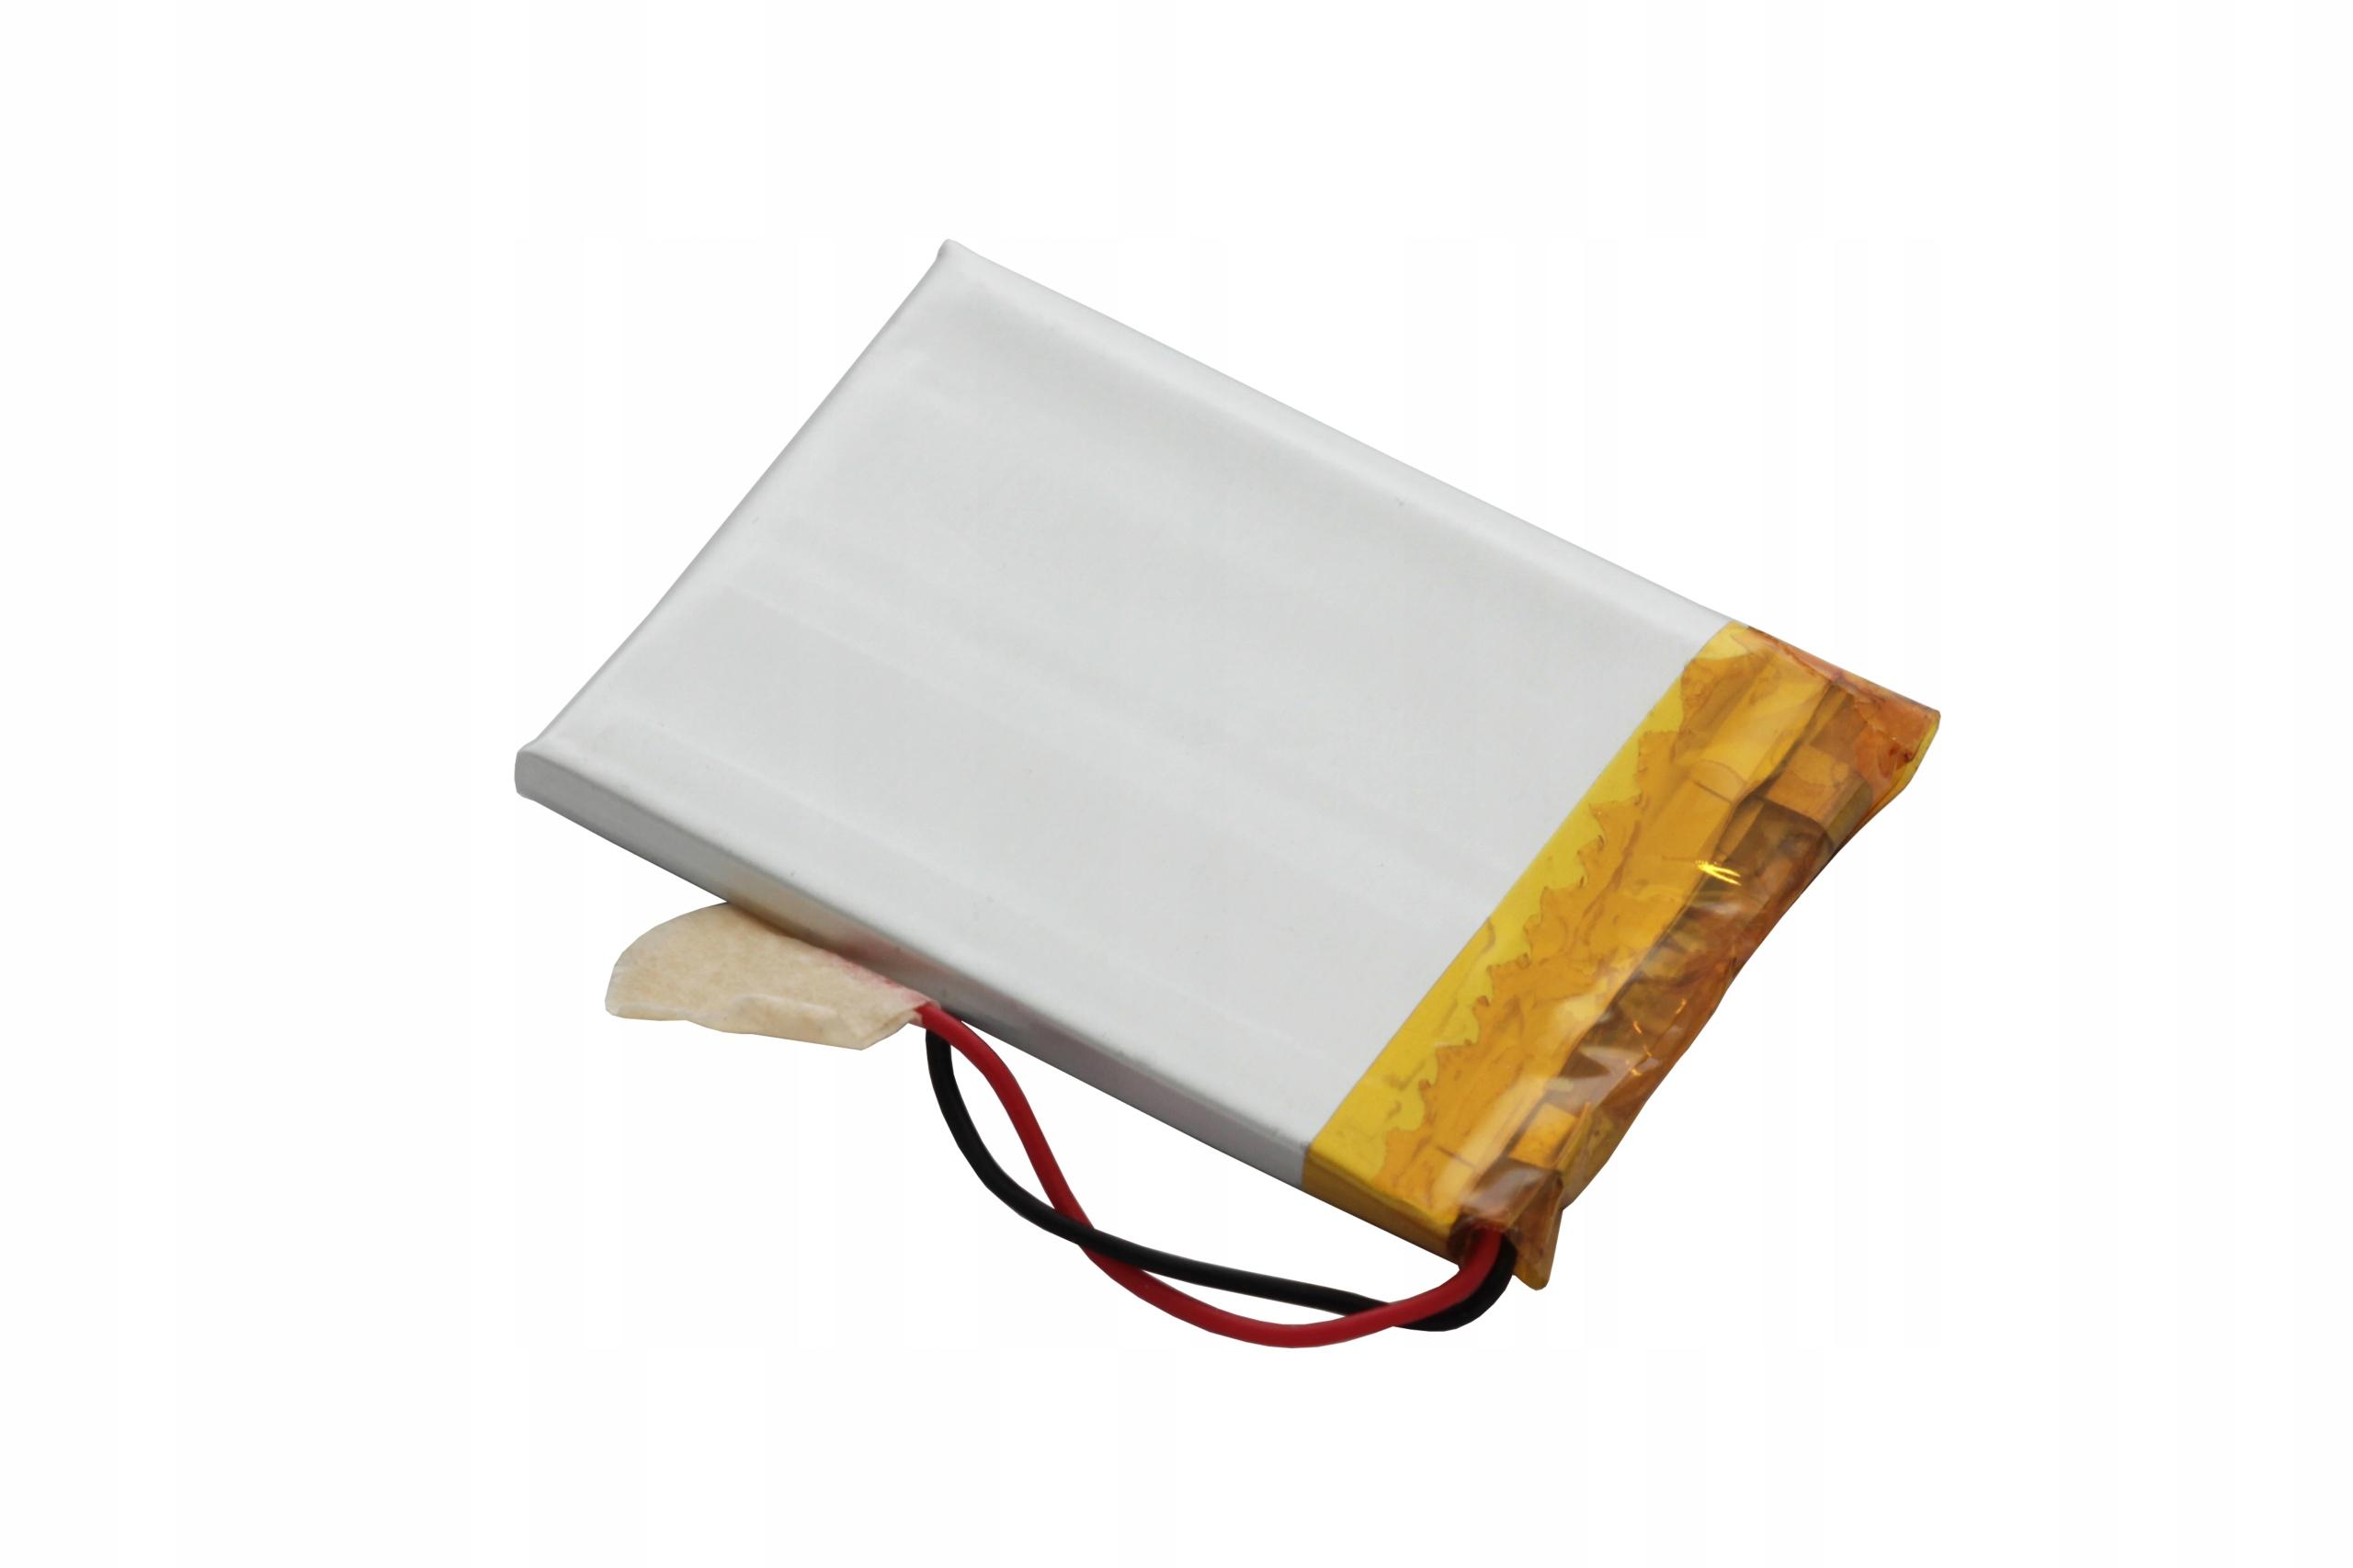 AKUMULATOR PRYZMATYCZNY Li-POLy 3,7V 350mAh 303040 Marka AmElectronics